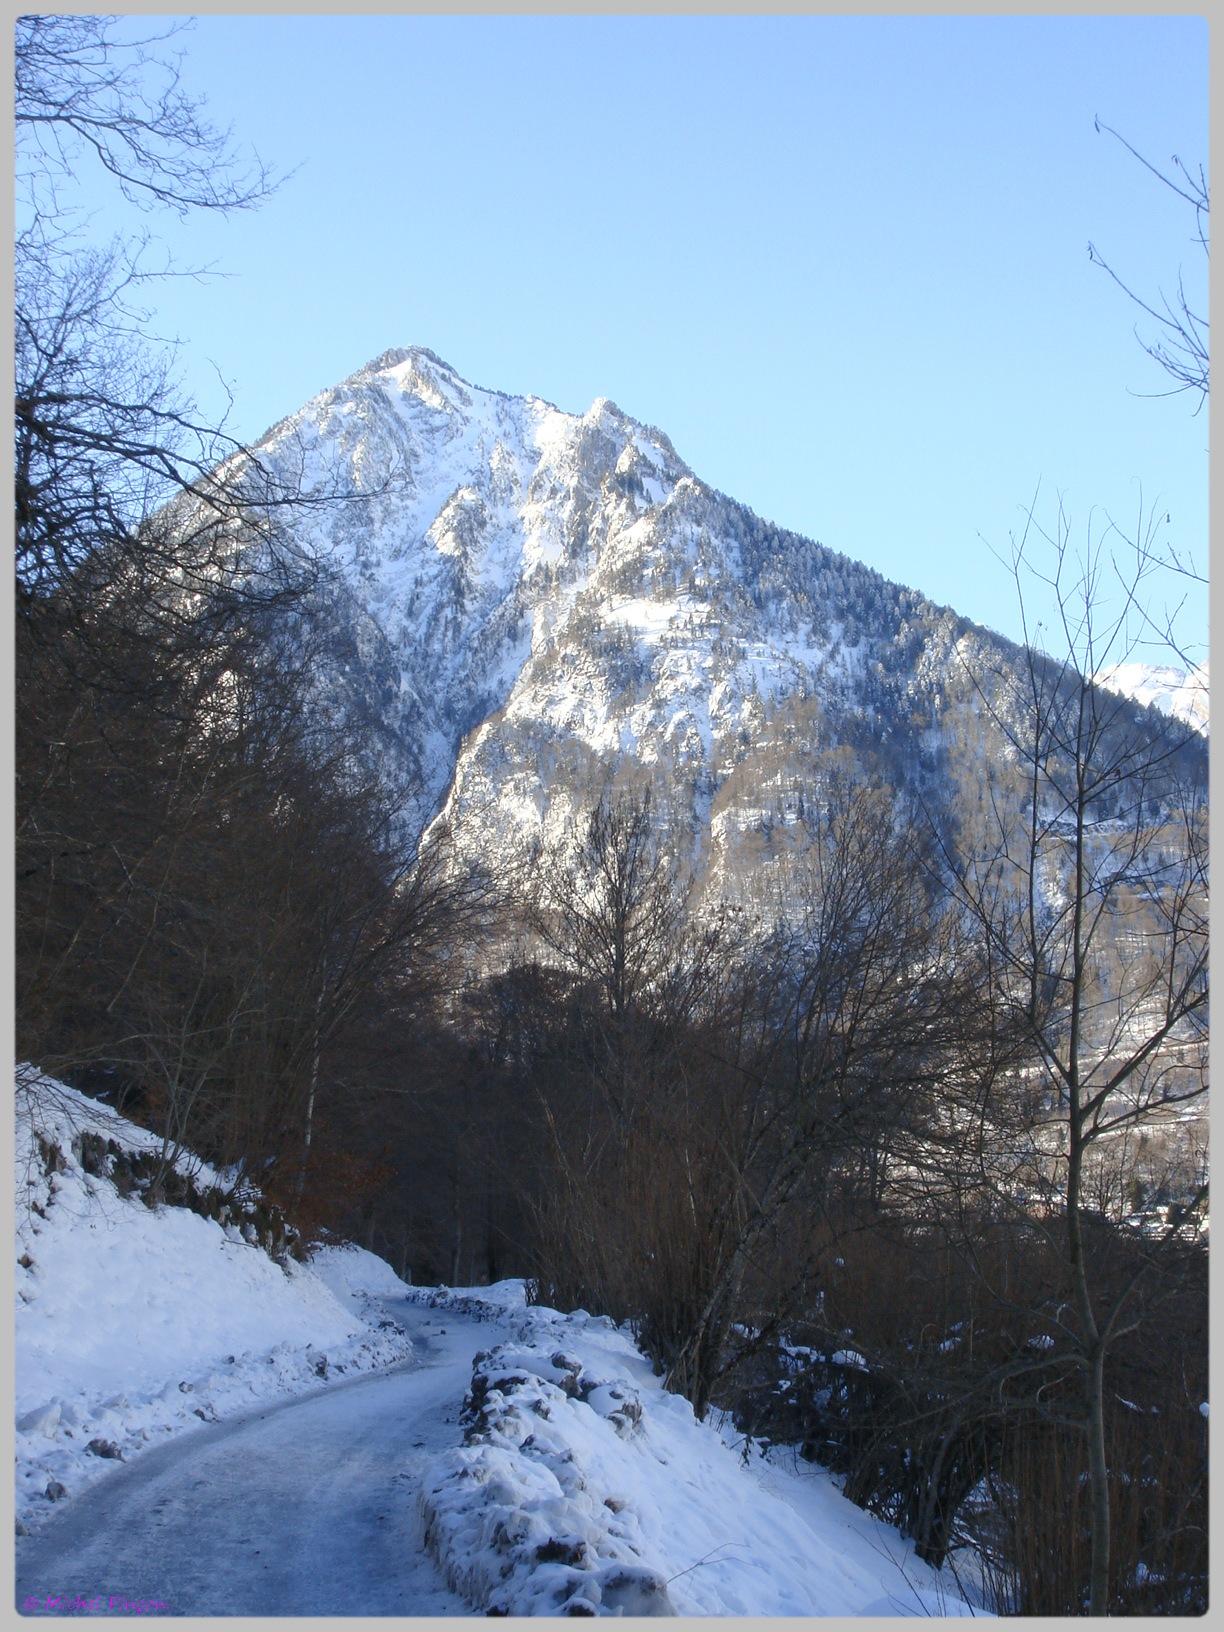 Une semaine à la Neige dans les Htes Pyrénées - Page 2 368313DSC011892